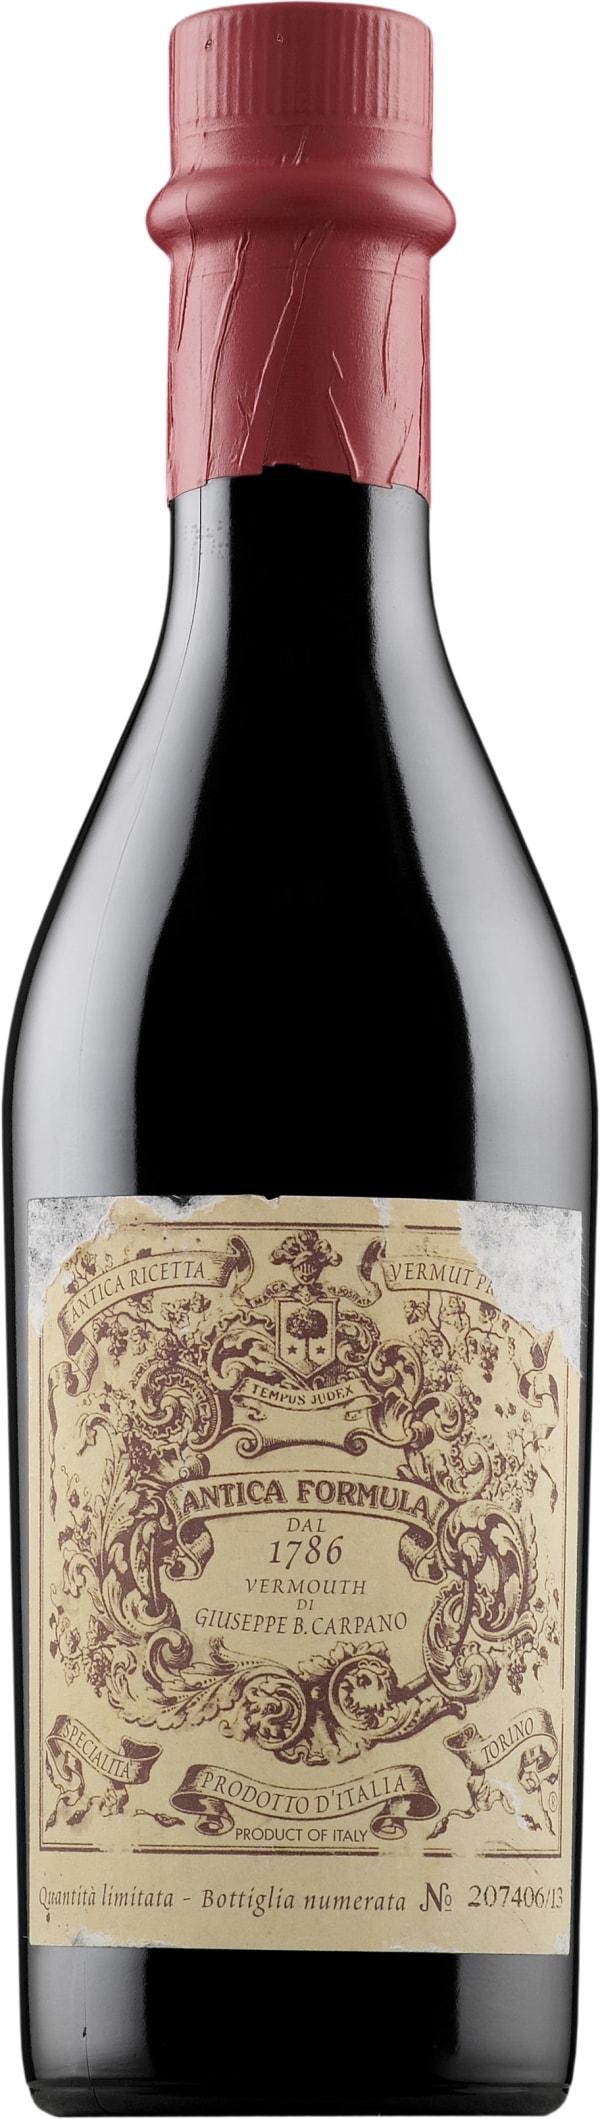 Antica Formula dal 1786 Vermouth